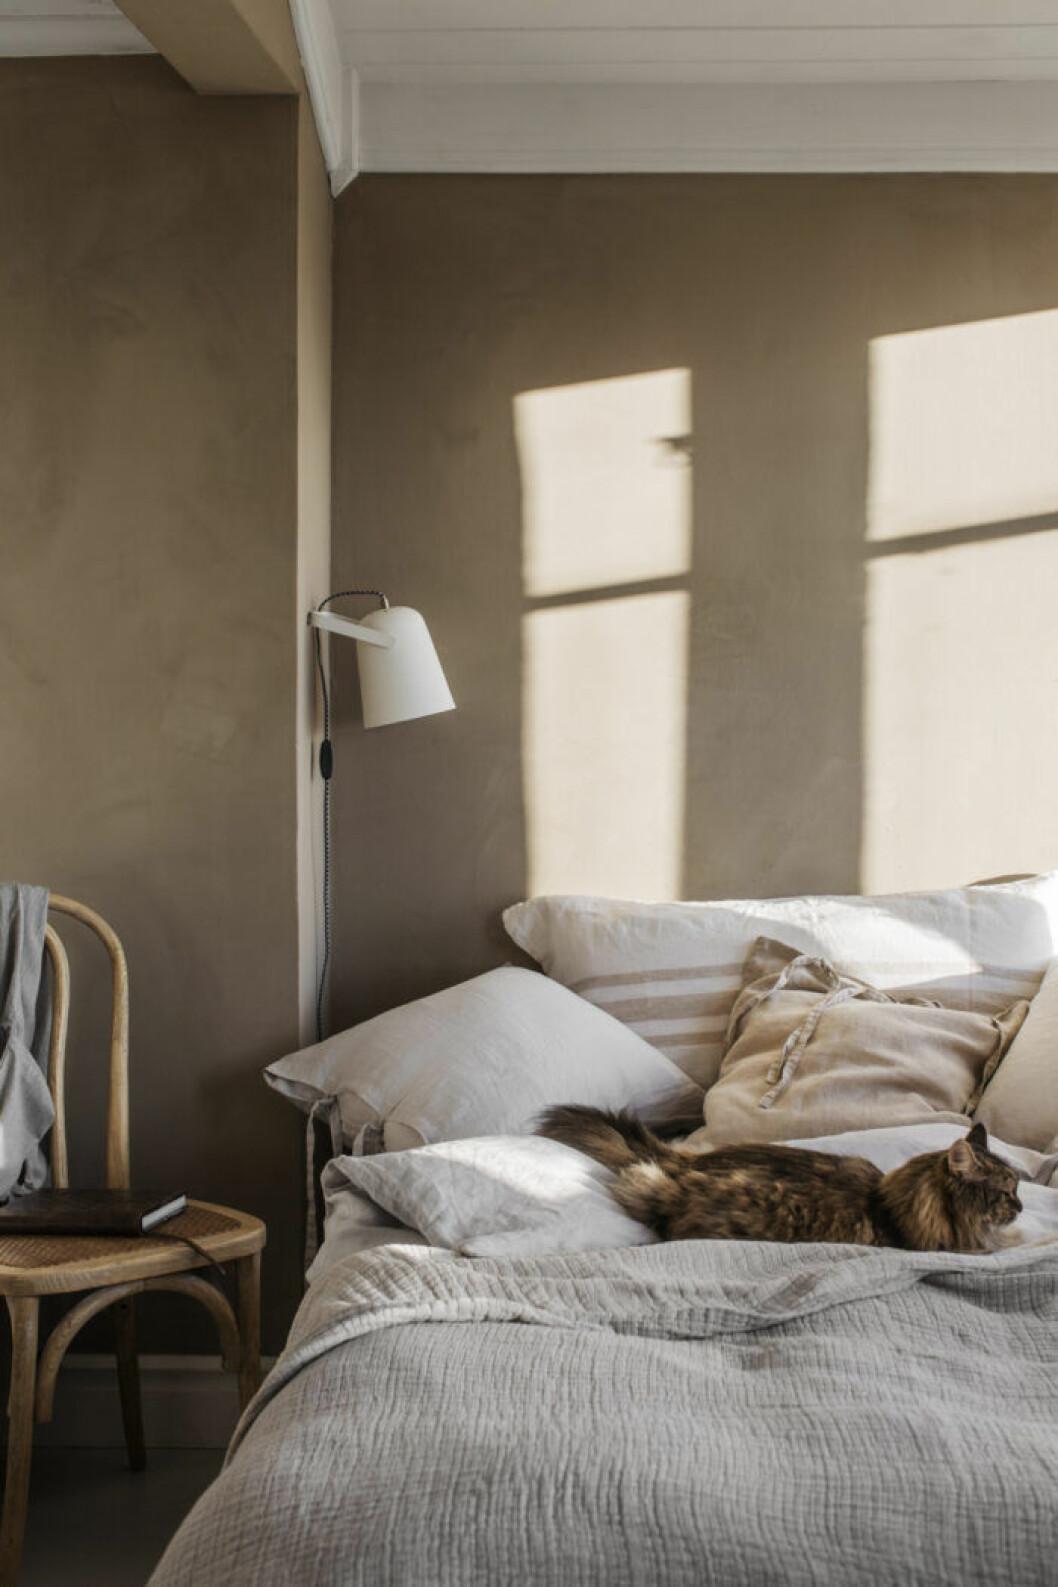 Trendiga sängkläder i sovrummet